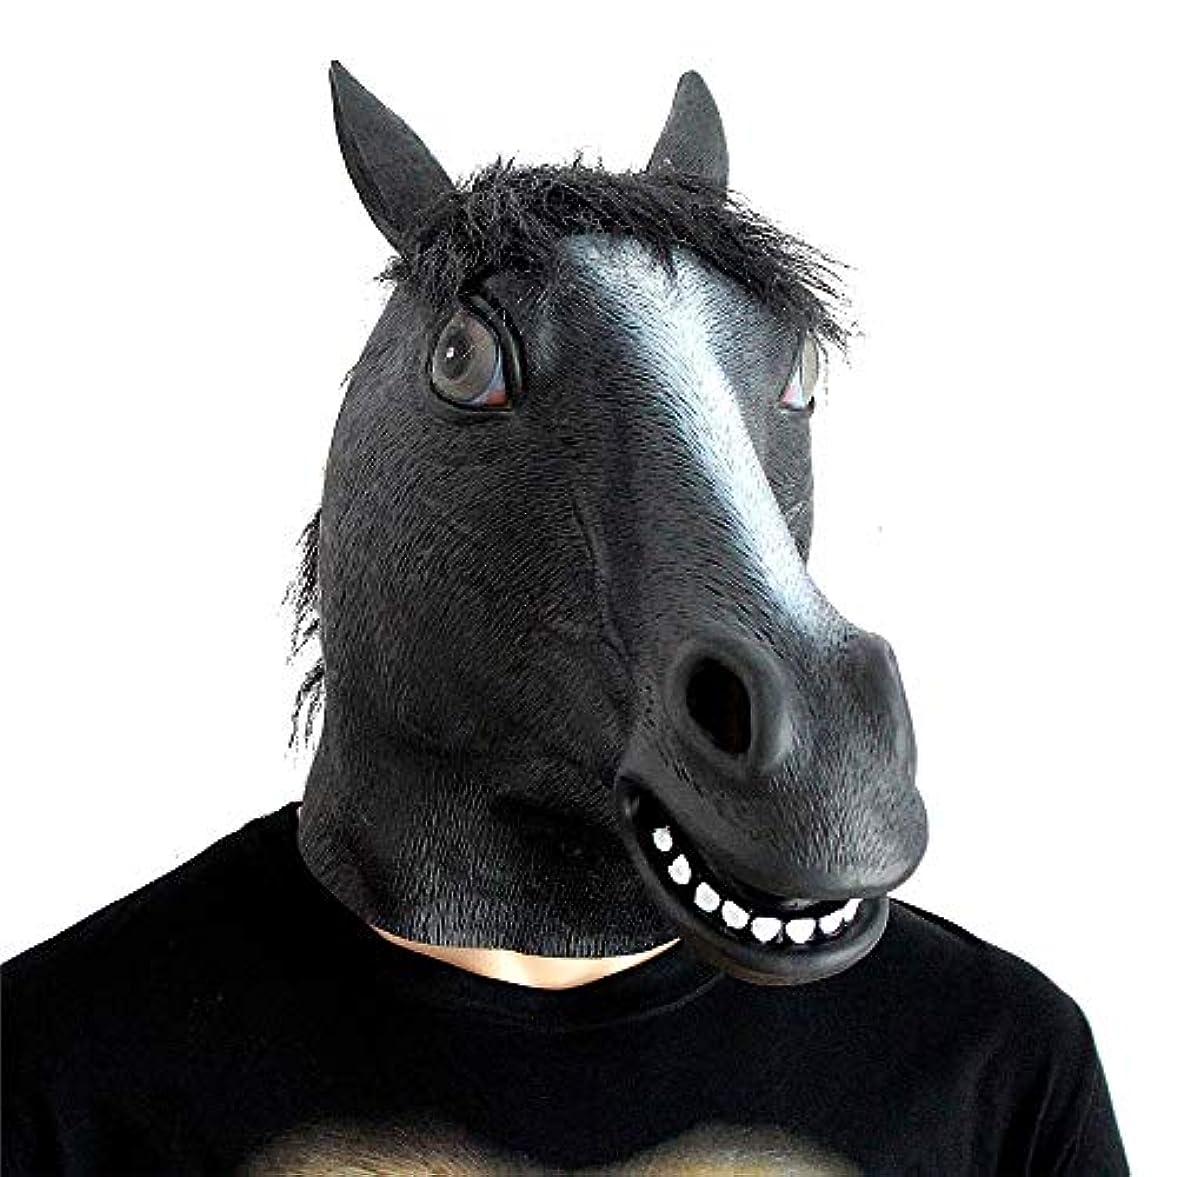 規範議会一部ハロウィーンのスタイリングの小道具ボールパーティーの馬の頭のマスクラテックスゲーム面白いパーティー用品 (Color : C)